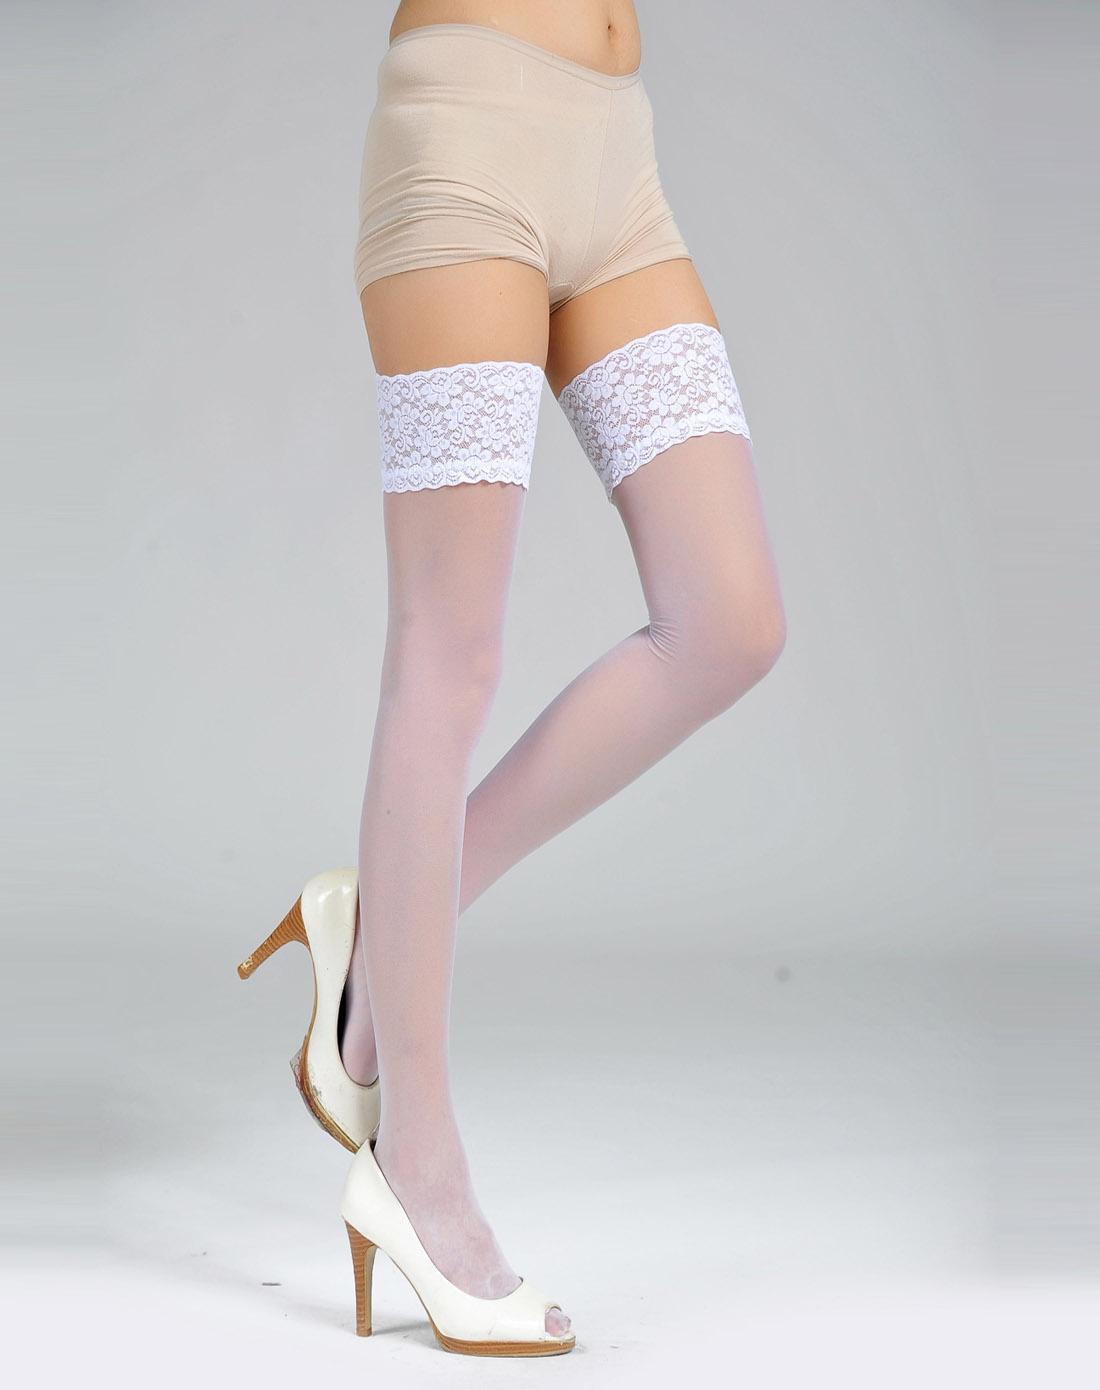 白色意大利优雅高档婚礼款高筒袜